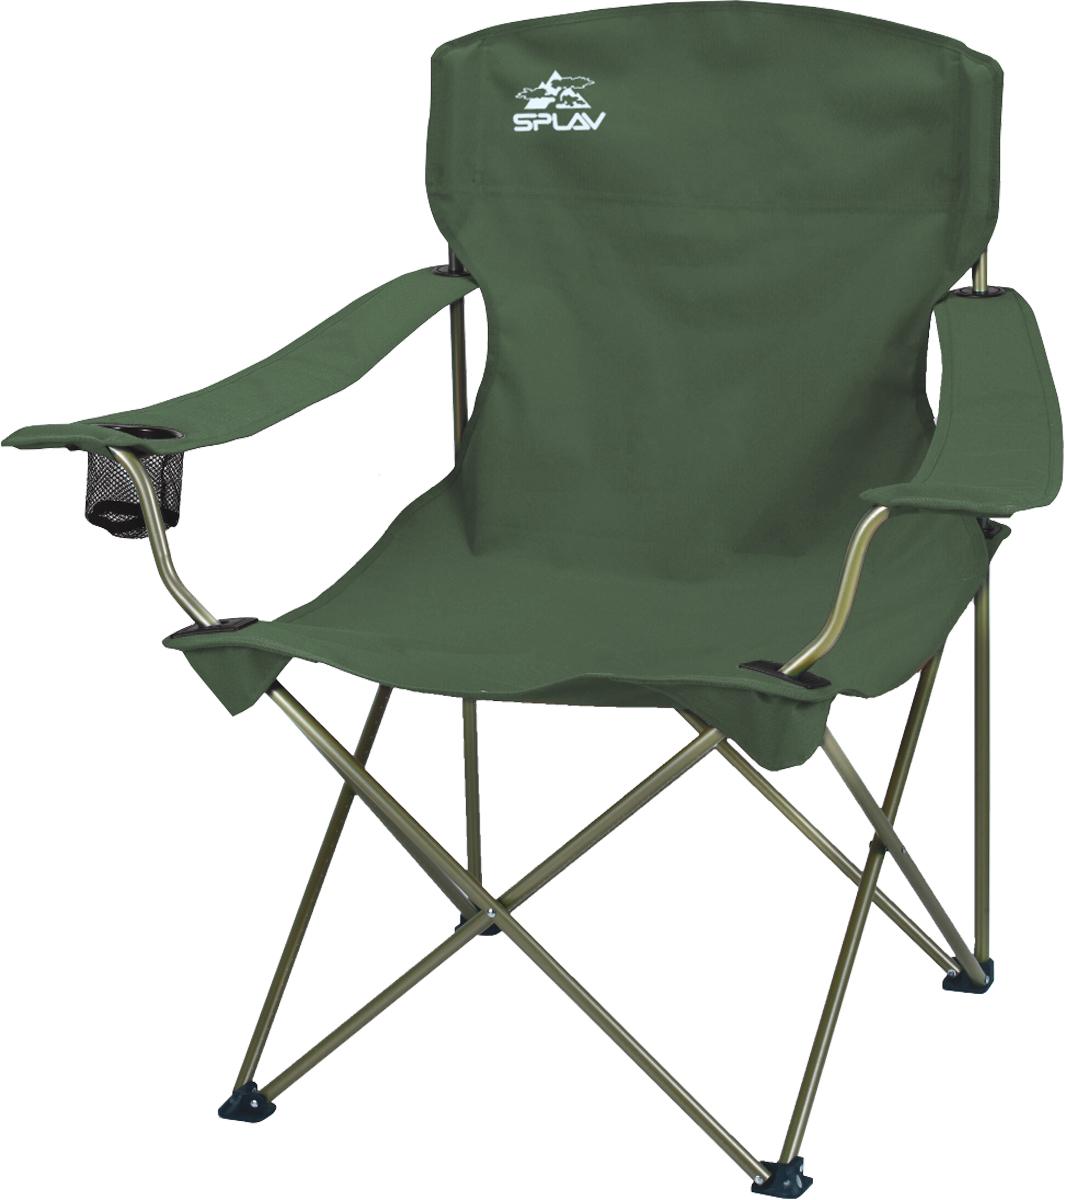 Кресло складное Сплав кемпинговое, цвет: темно-зеленый5113291Комфортное кресло для отдыха на природе Прочный стальной каркас, износостойкое сидение из полиэстера На одном из подлокотников расположено отделение для стакана В комплекте имеется чехол для удобства хранения и переноскиКак известно, на огонь, воду и на то, как другие работают можно смотреть бесконечно. Вам гораздо удобнее будет это делать в уютном кресле с баночкой пива или бокалом красного вина в руке.Кстати, в подлокотнике этого кресла предусмотрено специальное отделение для стакана или фляги.Крепкий стальной каркас и дышащее, прочное, износостойкое сидение из полиэстера составляют комфортное кресло, которое быстро пакуется в чехол (?15 95 см) и разбирается одним движением.При собственном весе в 3.3 кг, кресло выдерживает нагрузку до 100 кг.Размер в сложенном состоянии: ?15?95 см Размеры посадочного места: высота от земли: 42 см ширина: 60 см глубина: 55 см высота спинки: 50 см Вес: 3,3 кг Максимальная нагрузка 100 кг